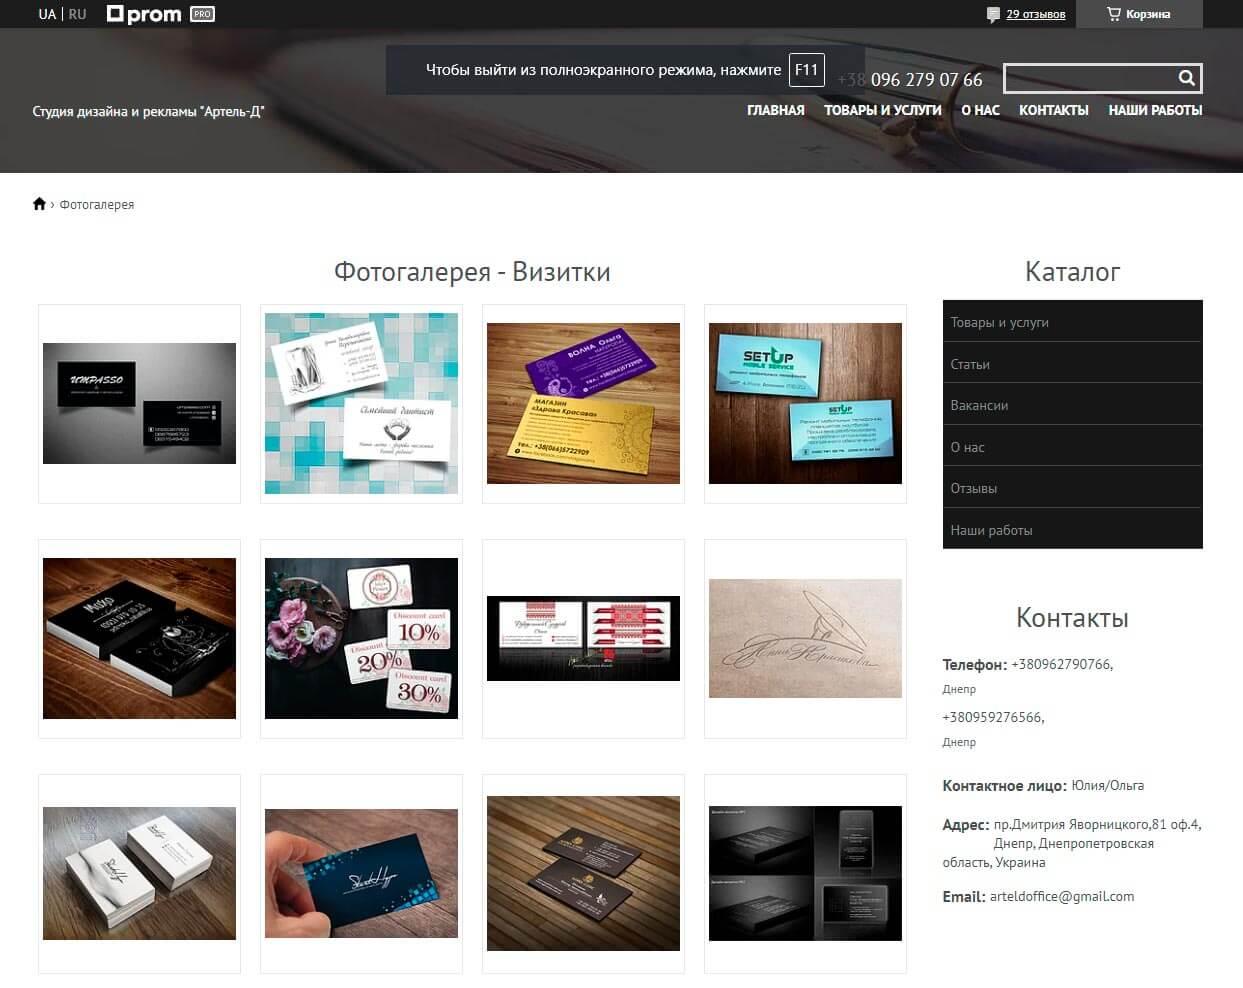 Артель-Д - обзор компании, услуги, отзывы, клиенты, Фото № 3 - google-seo.pro